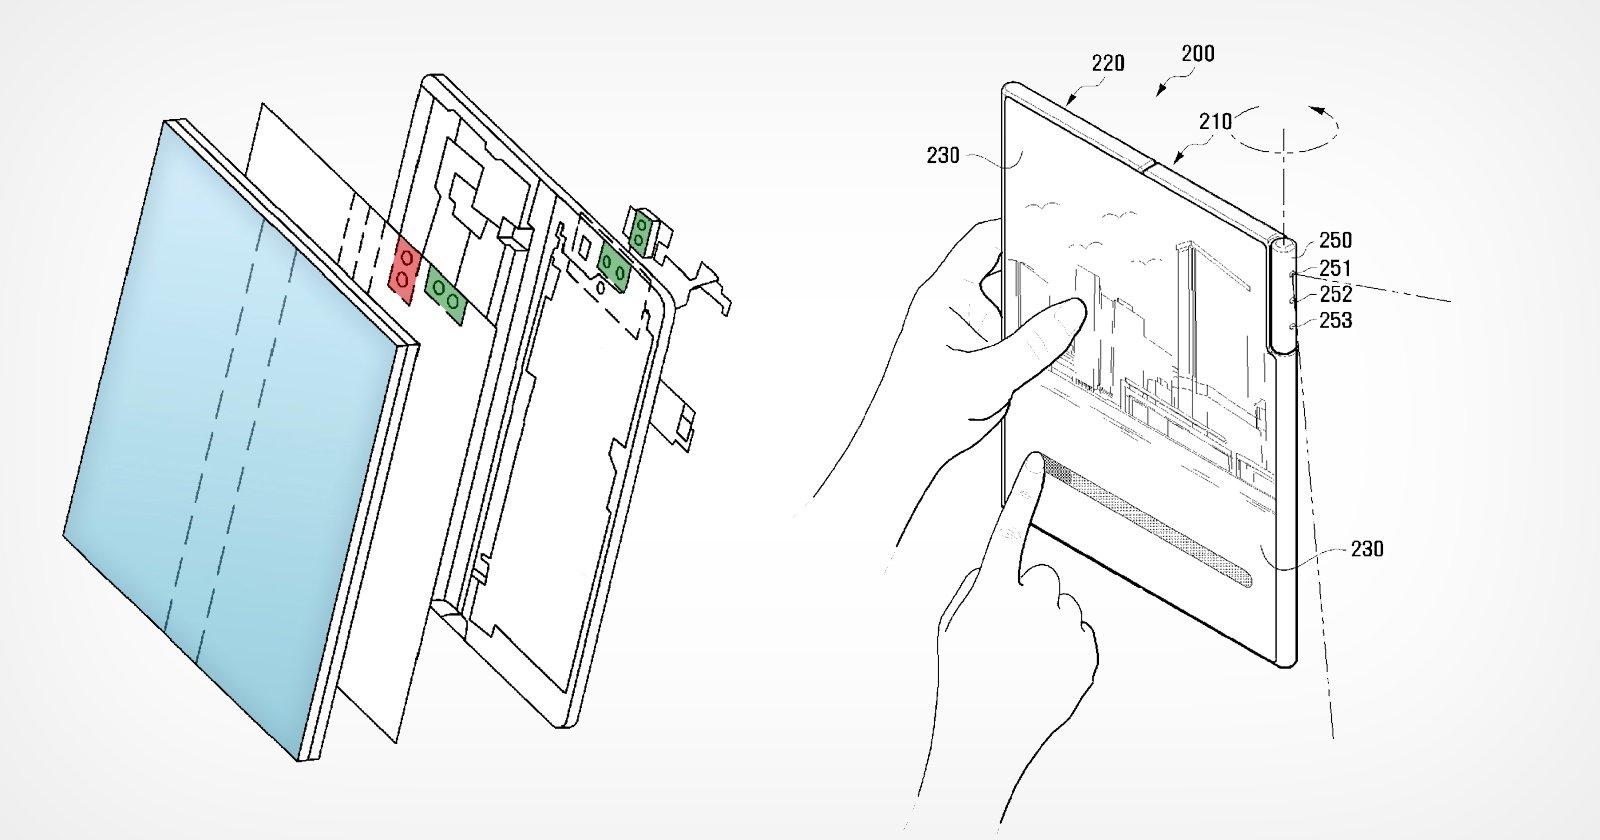 I brevetti Samsung descrivono metodi che risolvono due limitazioni della fotocamera